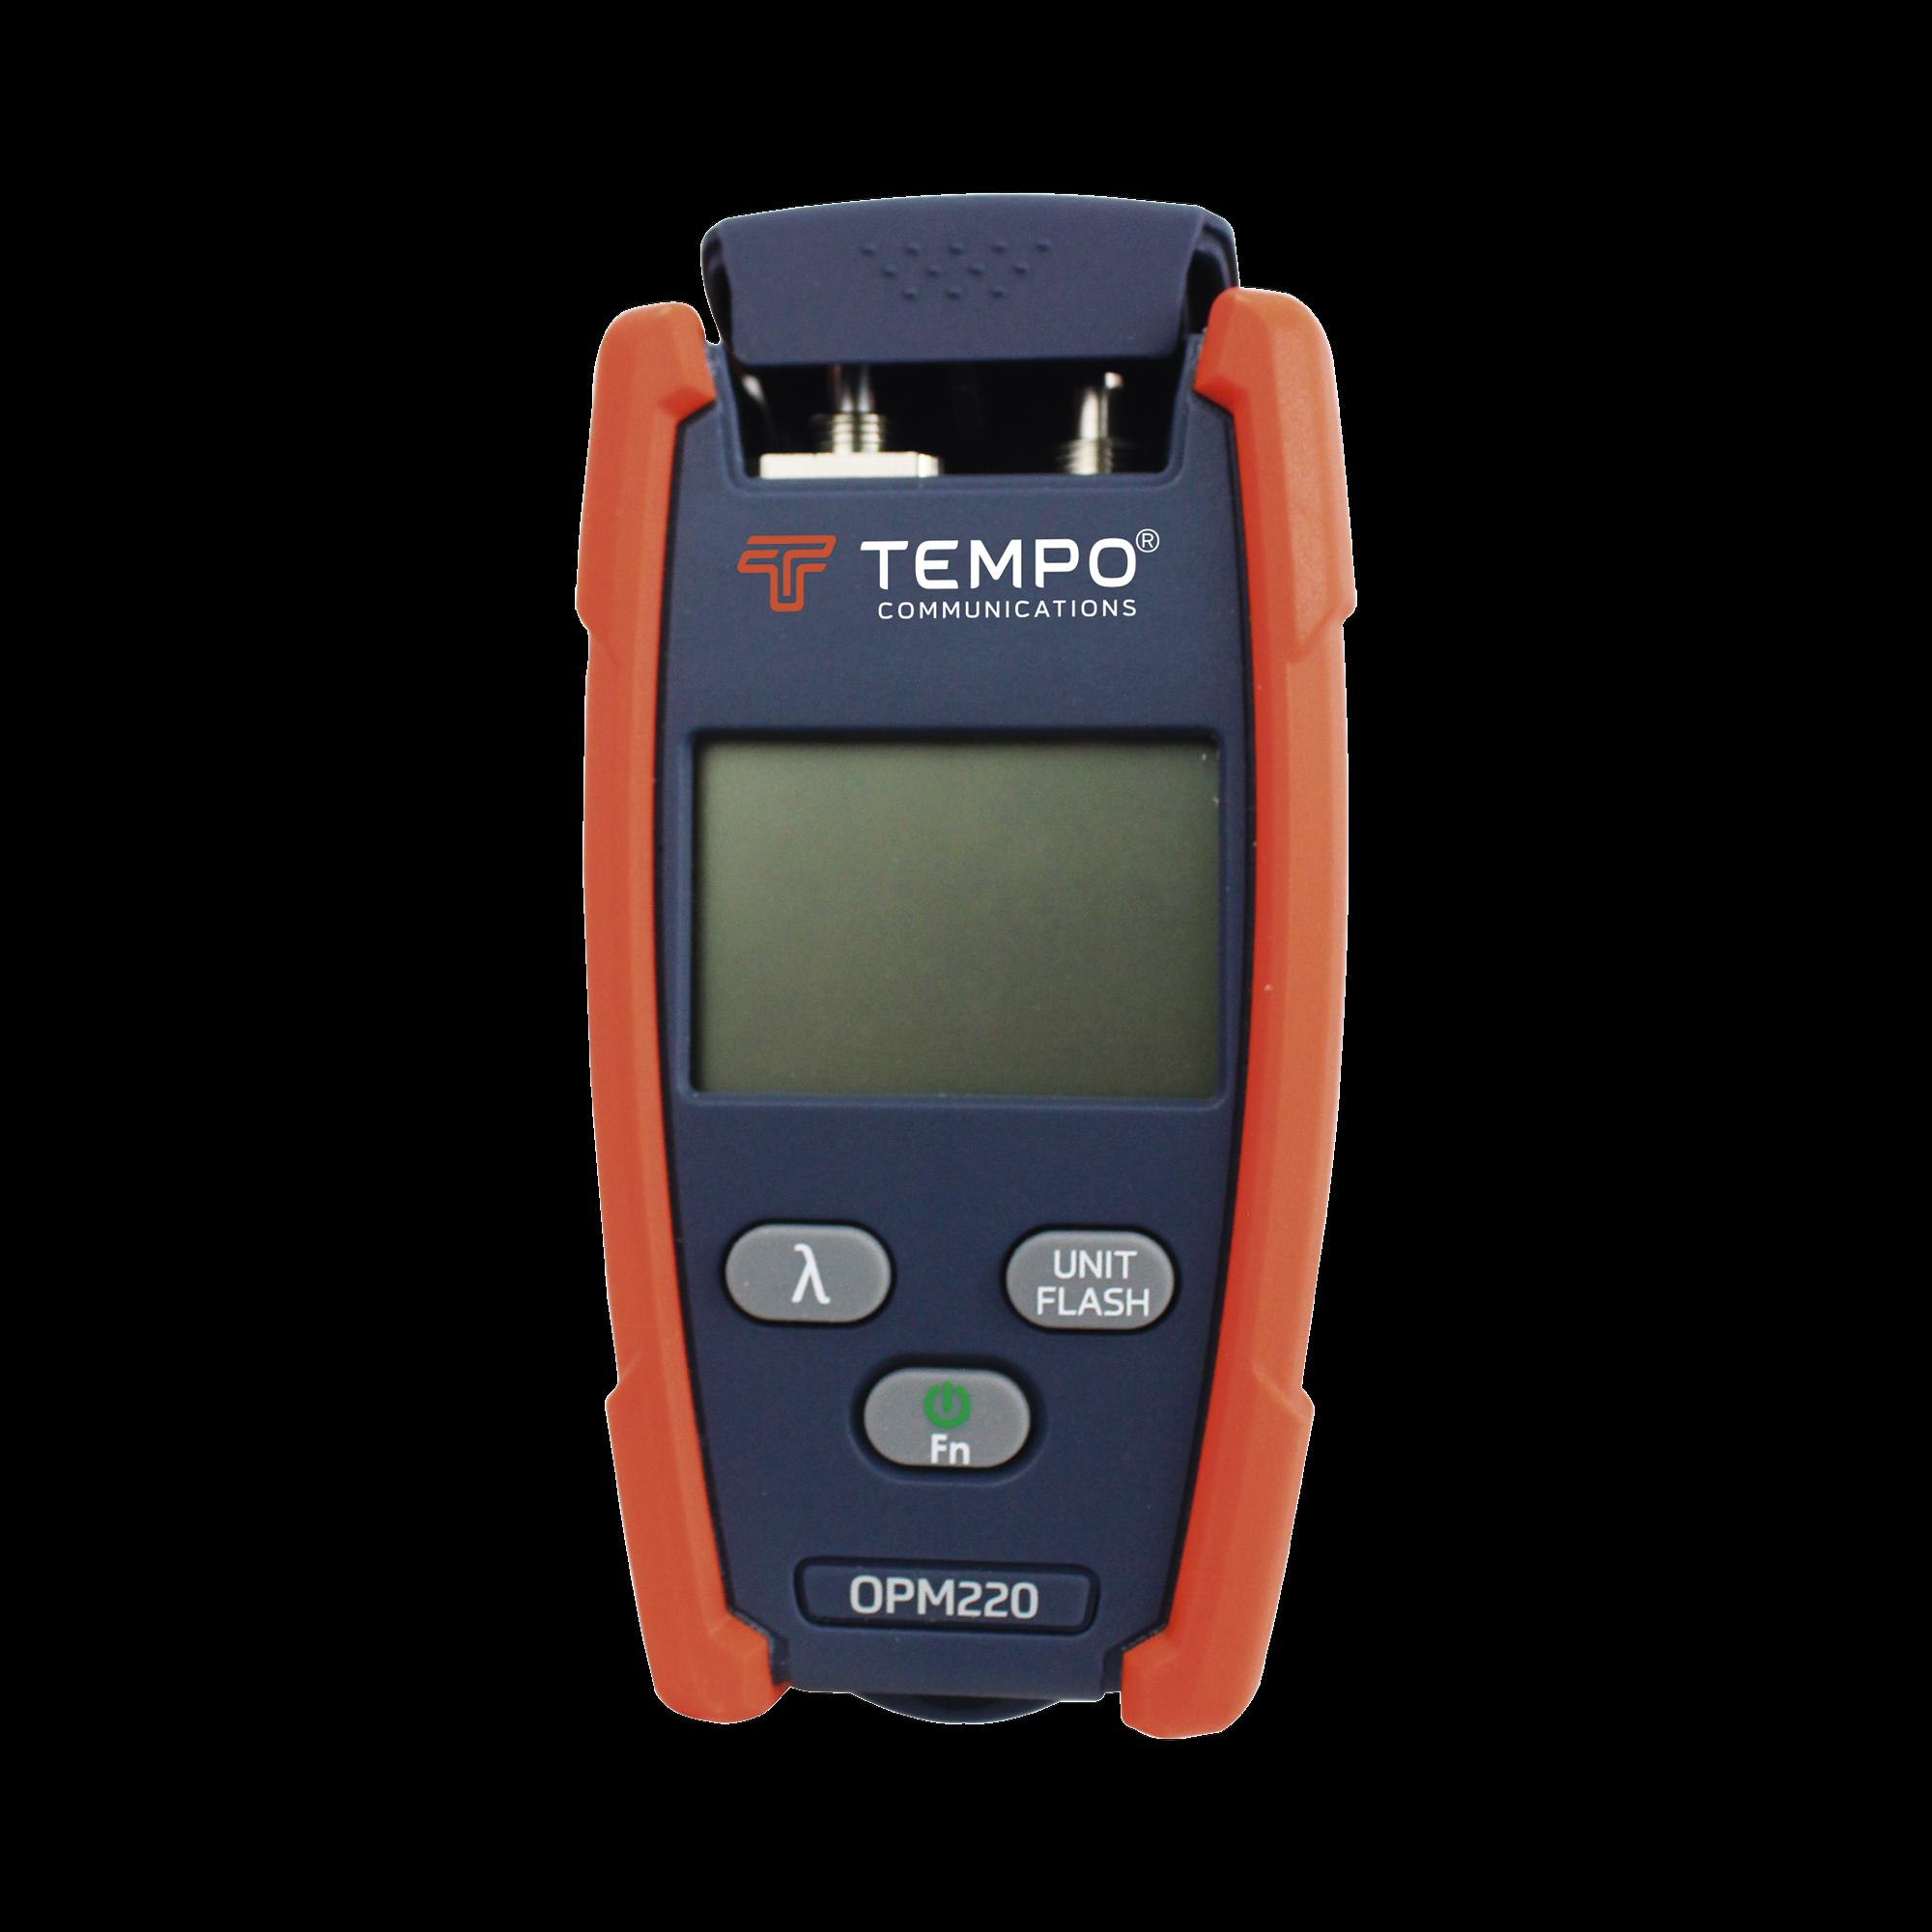 Medidor de Alta Potencia (Micro OPM) para Fibra óptica con Localizador Visual de Fallos (VFL), entrada universal de 2.5 mm (para conectores SC, ST y FC)